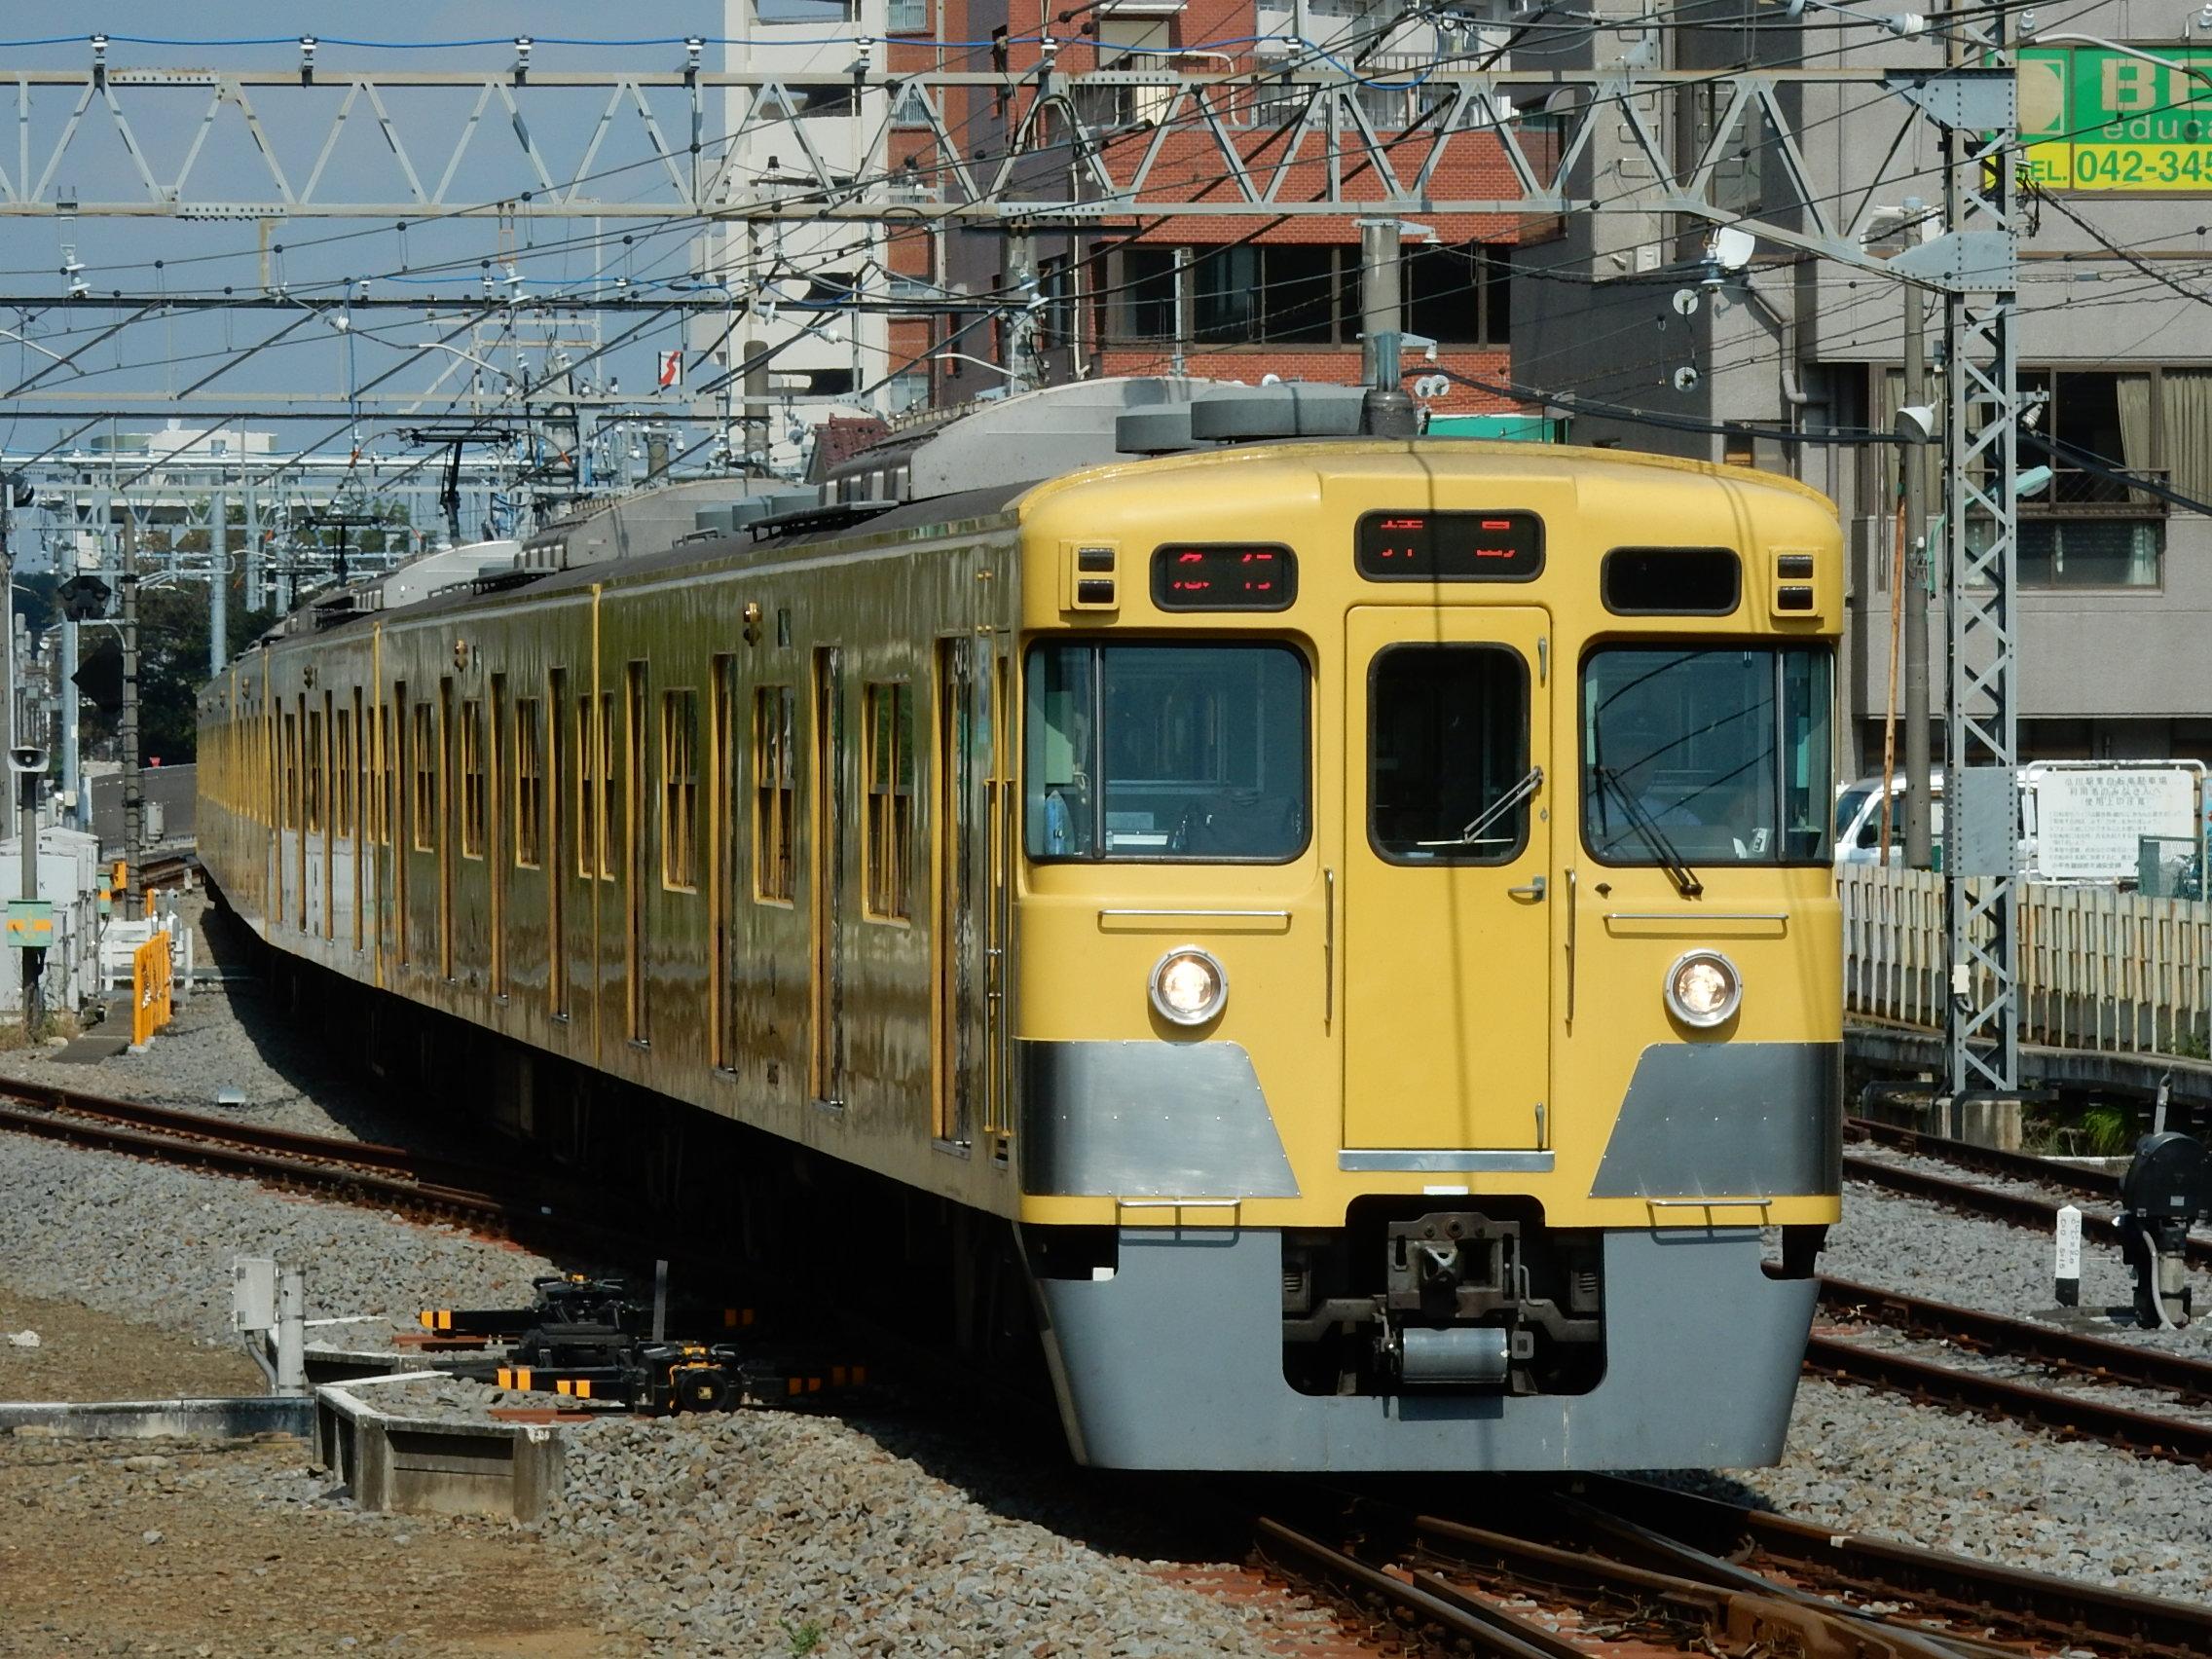 DSCN5588.jpg